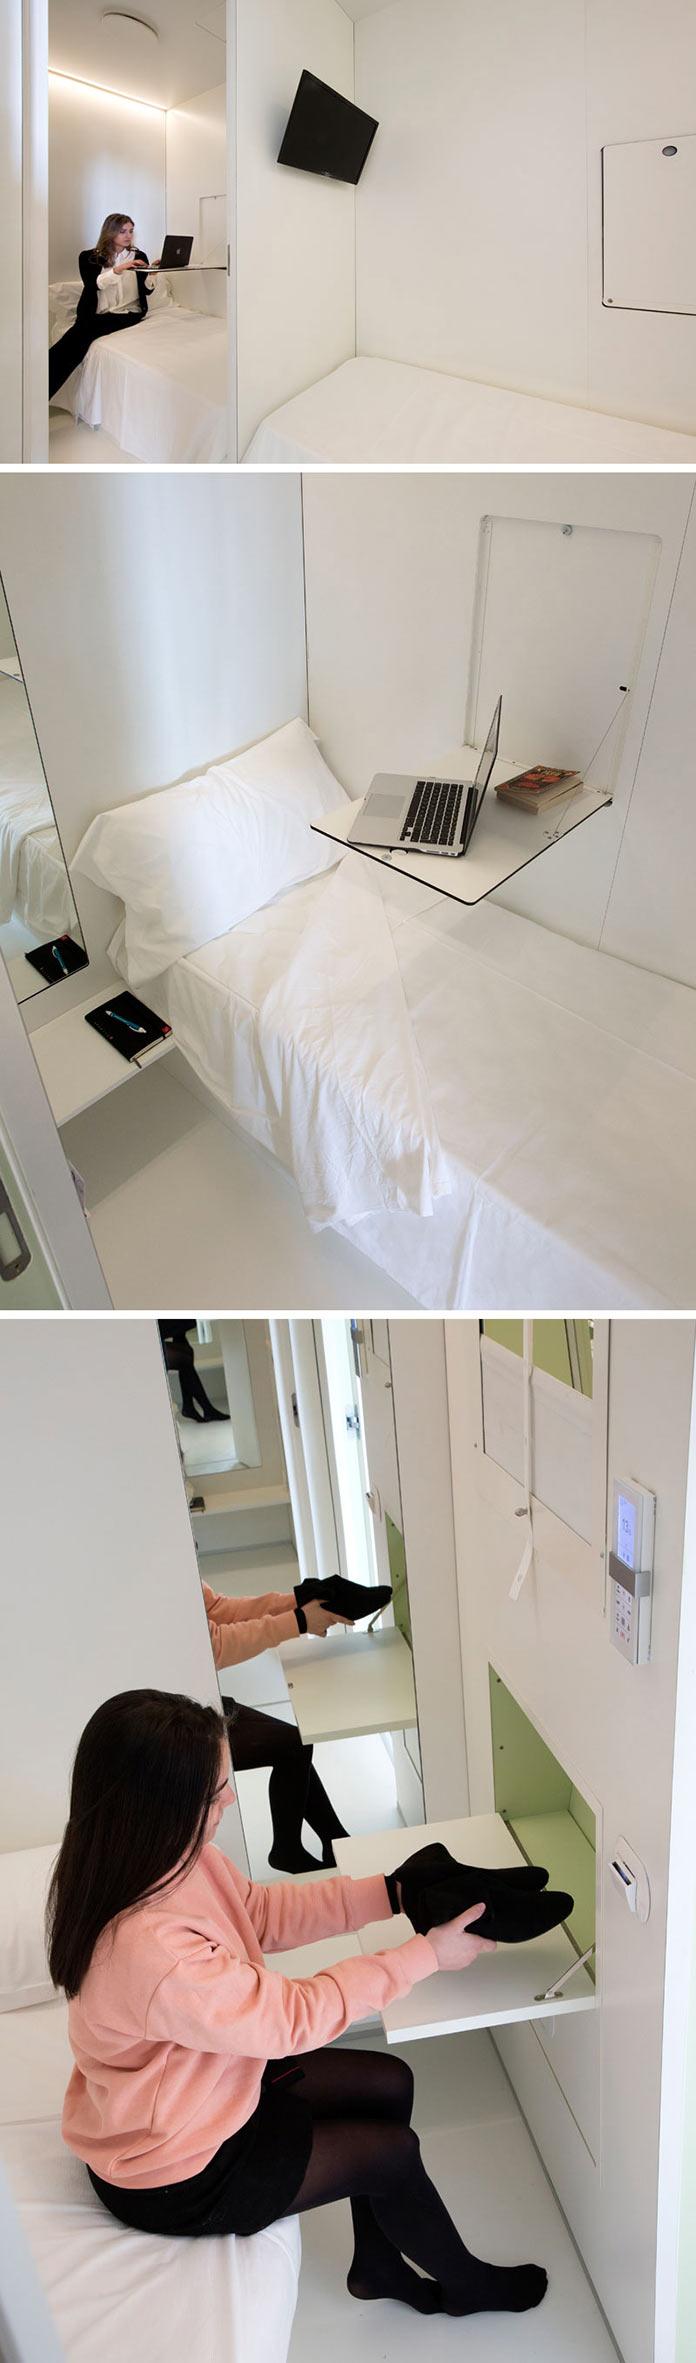 Комната, откидной столик и место для хранения. Капсульный отель Bed&Boarding в аэропорту Неаполя